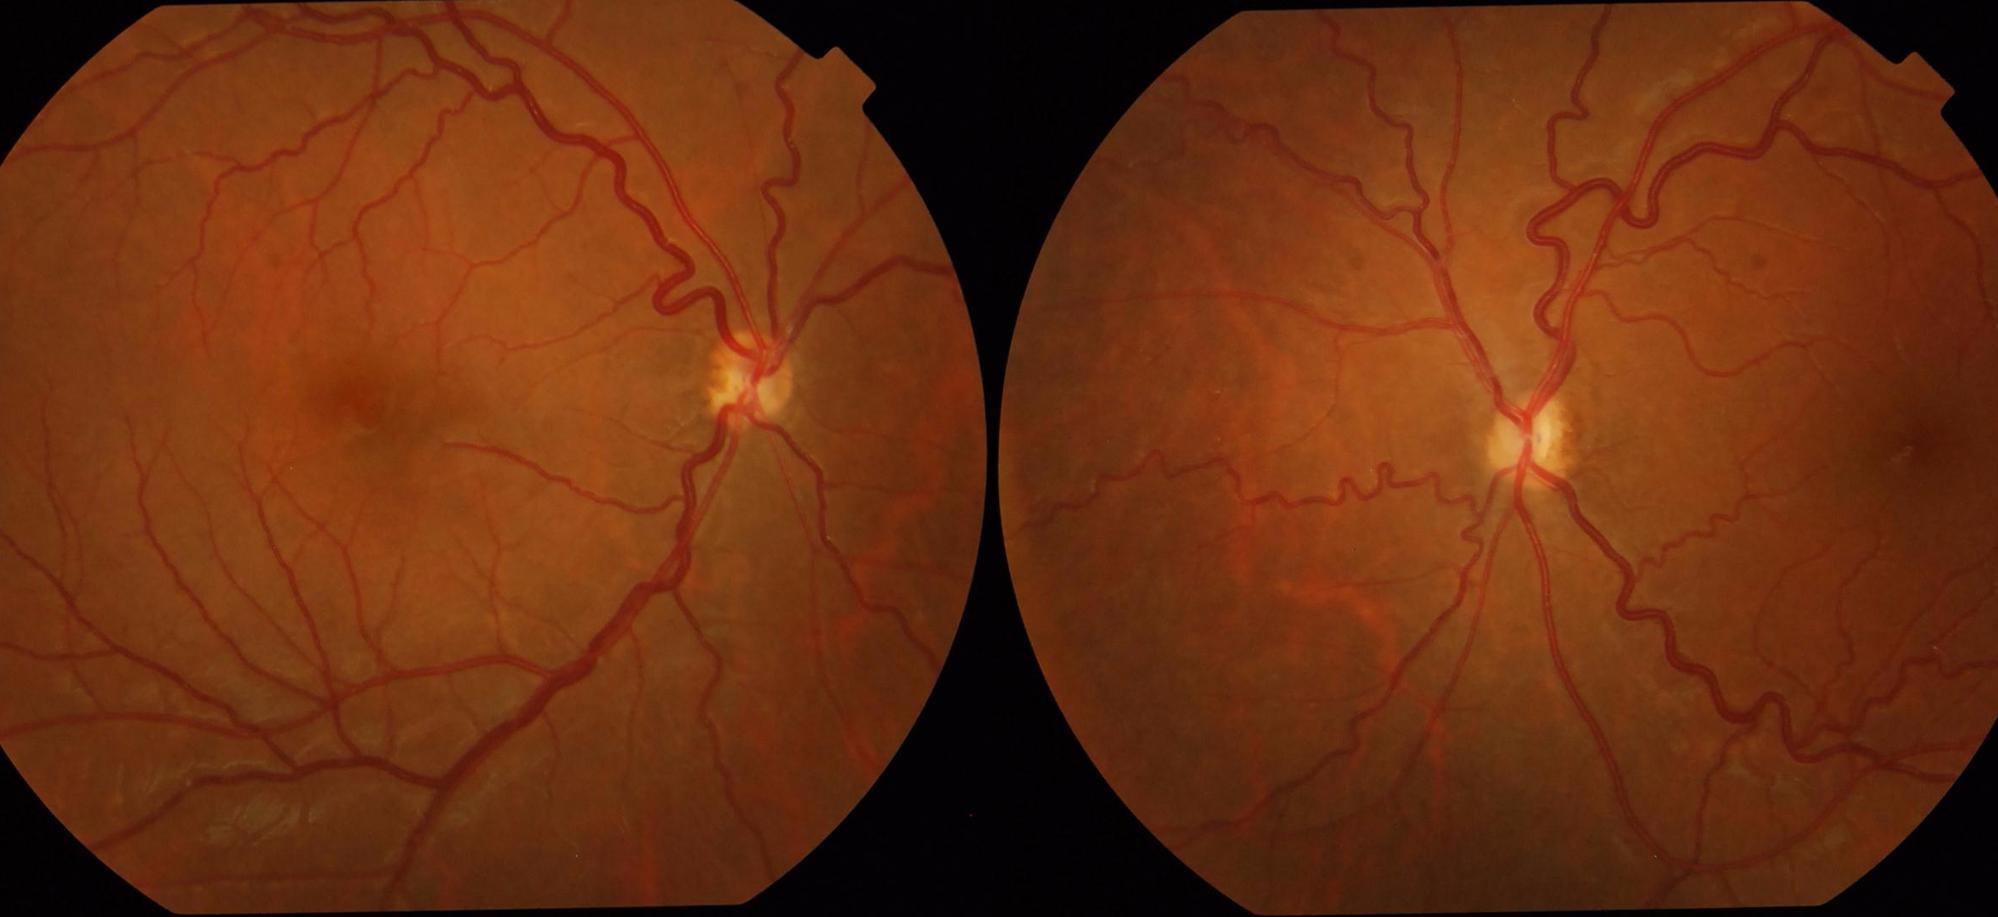 Optic nerve hypoplasia